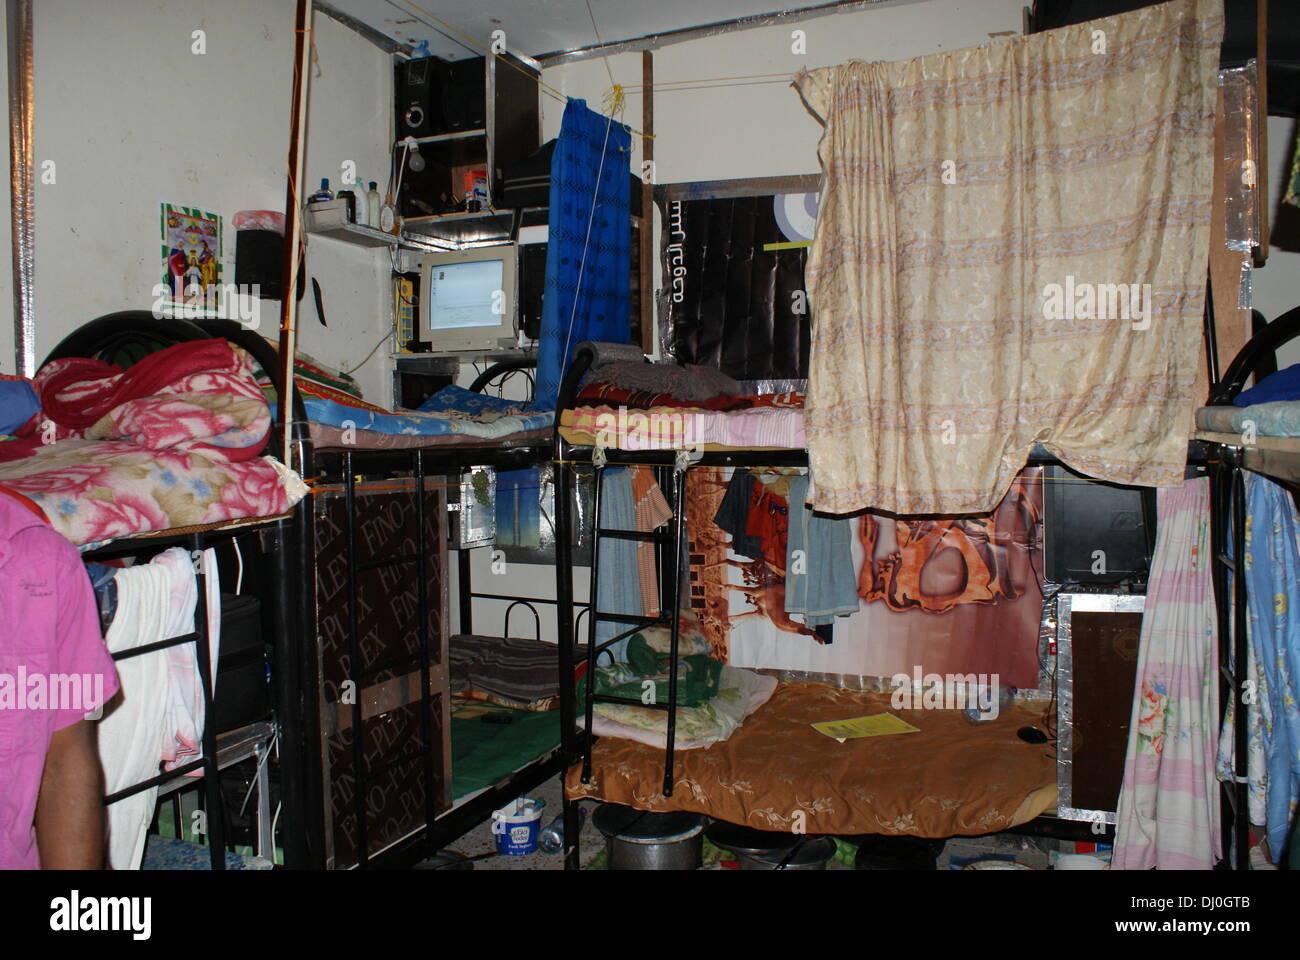 Etagenbett Zu Verkaufen : Handout zeigt eine amnestie internationale foto oktober